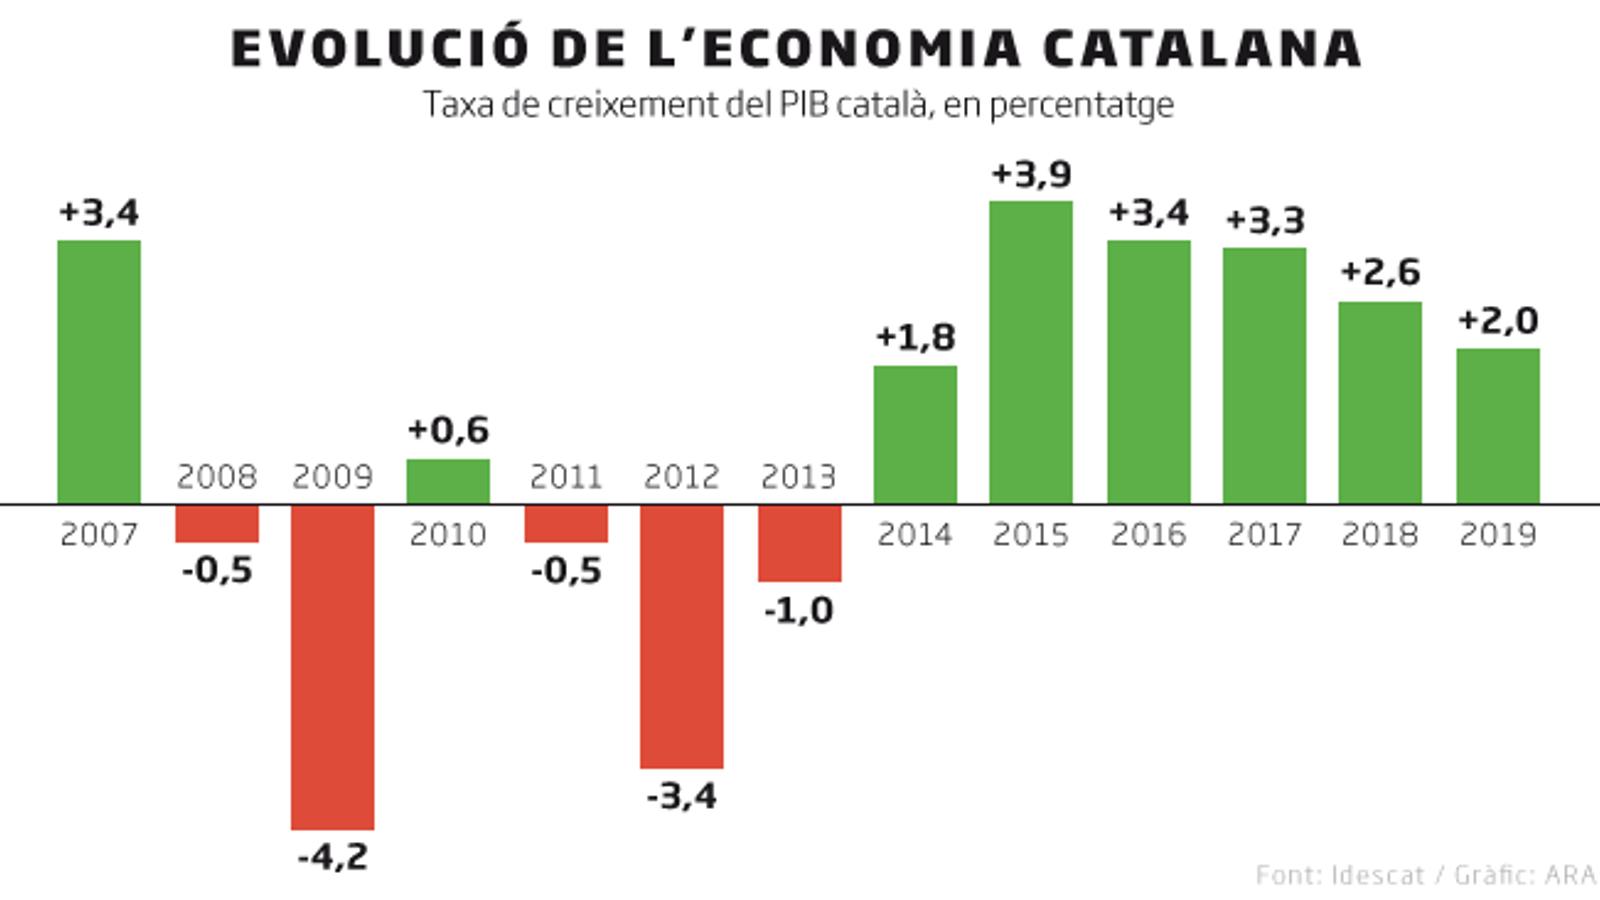 Es confirma l'alentiment: Catalunya va créixer un 2% el 2019